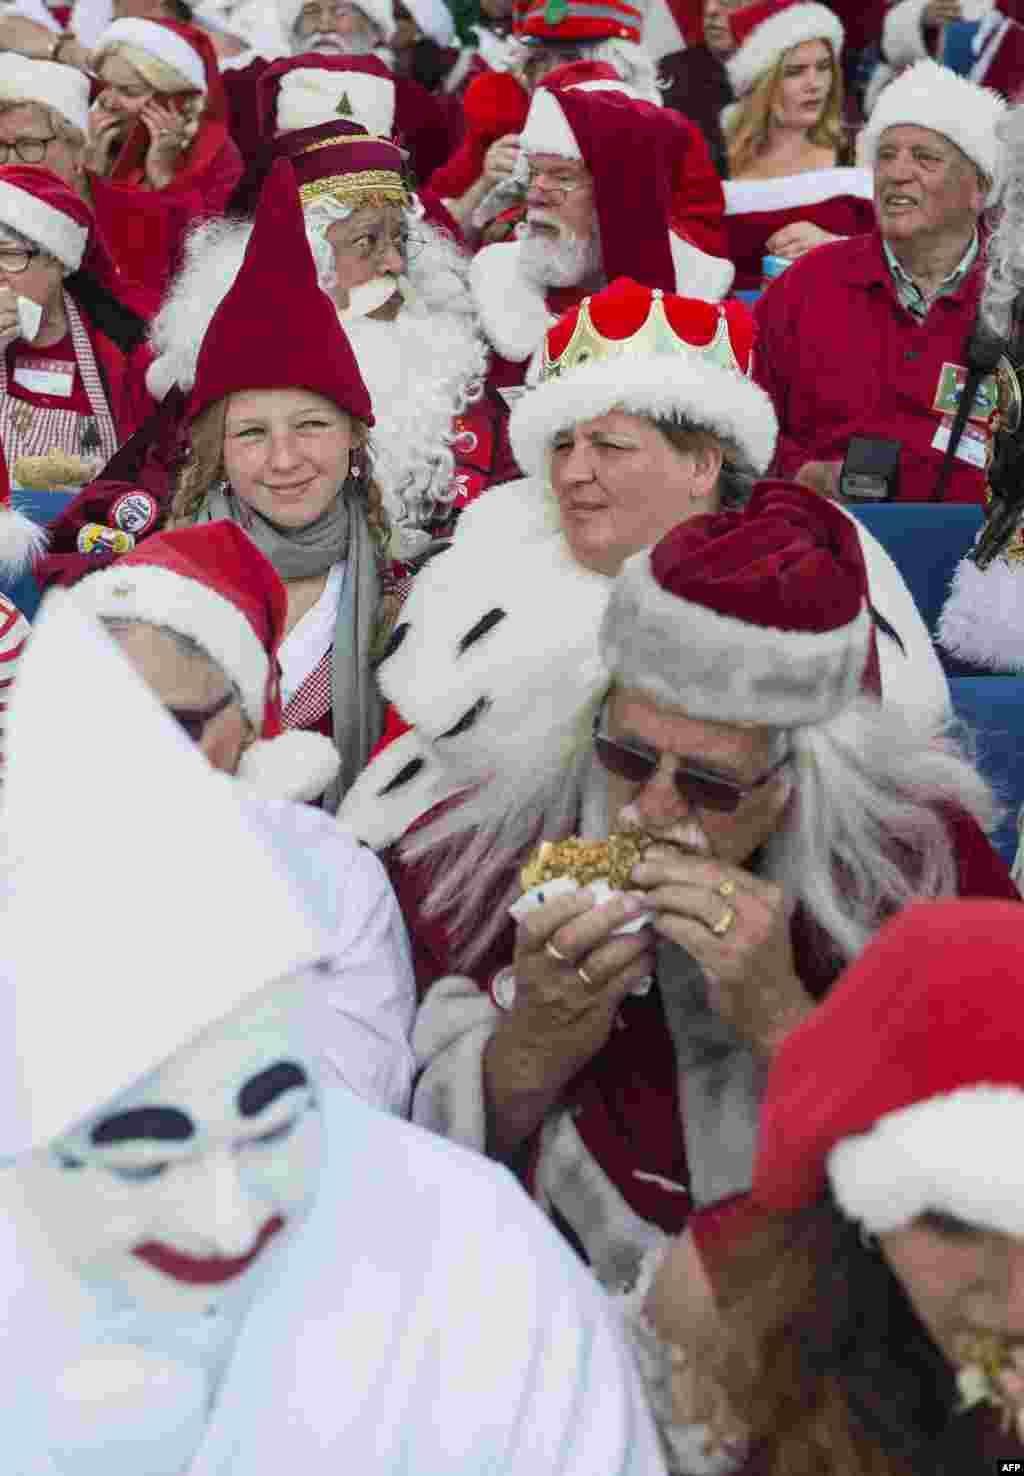 Один из участников считает, что Санта Клаусам нужно меньше кушать печенья потому, что они уже с трудом пролезают в дымоходы